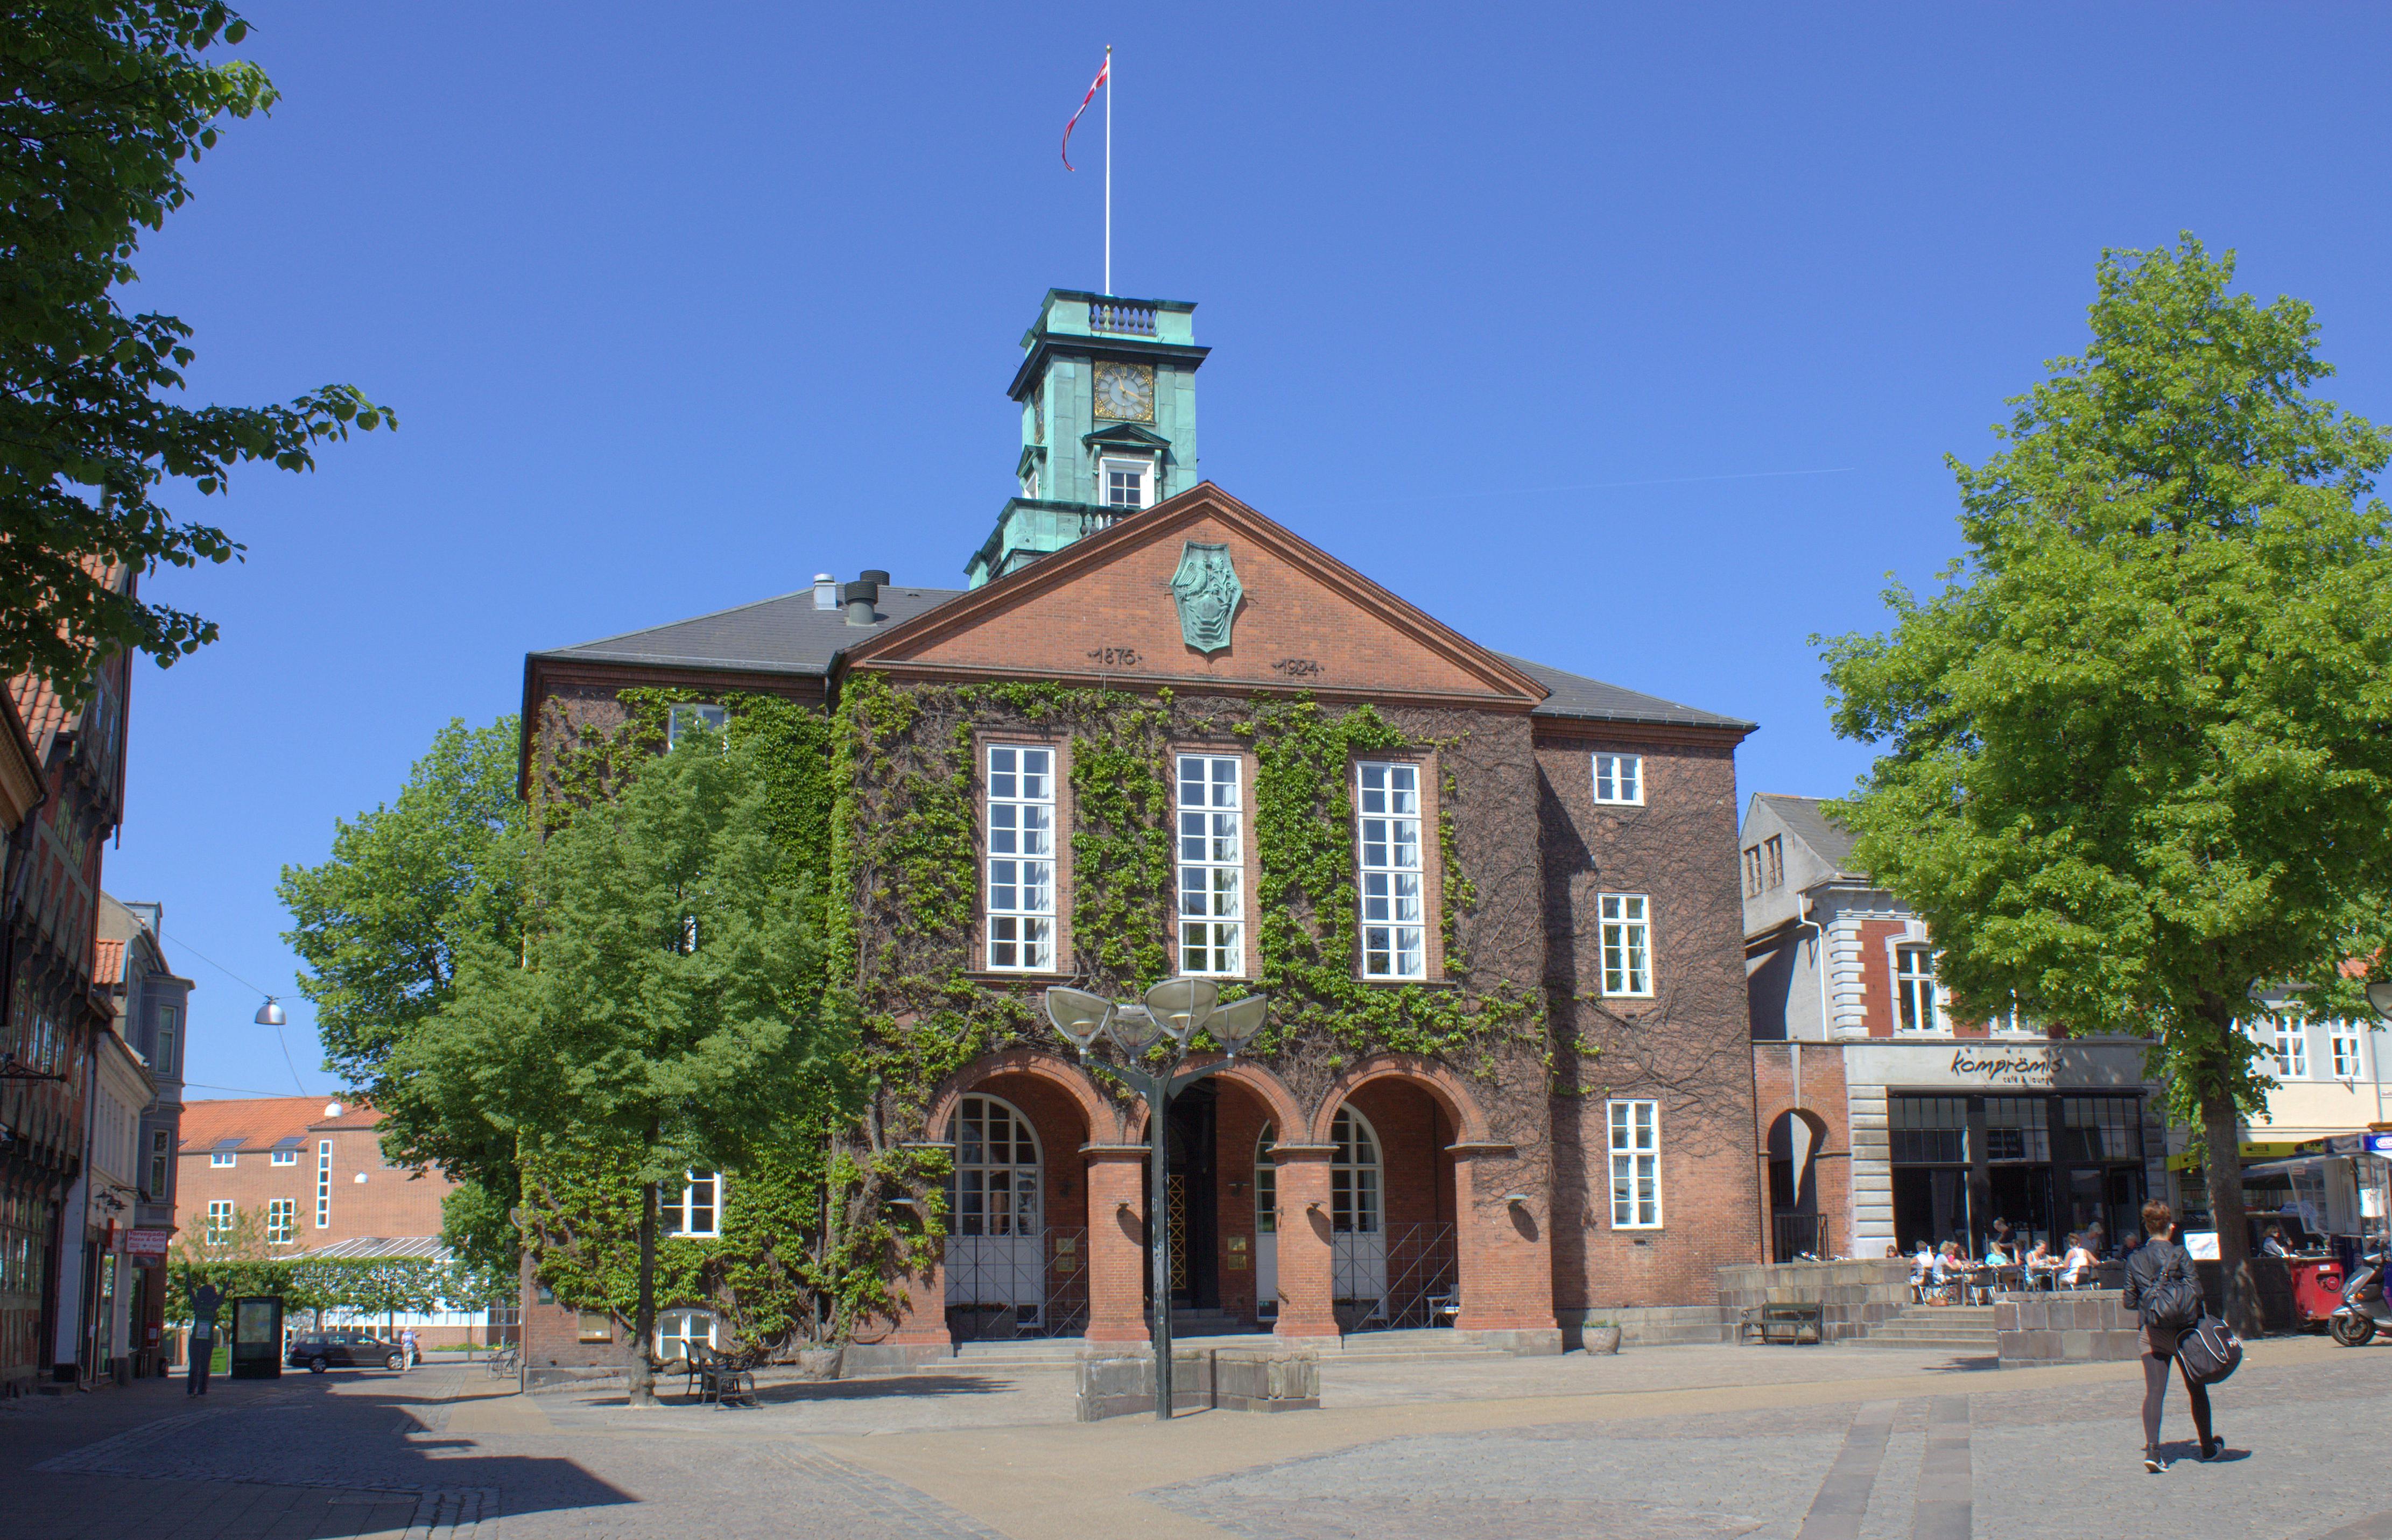 b4e39246e781 Kolding Rådhus - Wikipedia, den frie encyklopædi